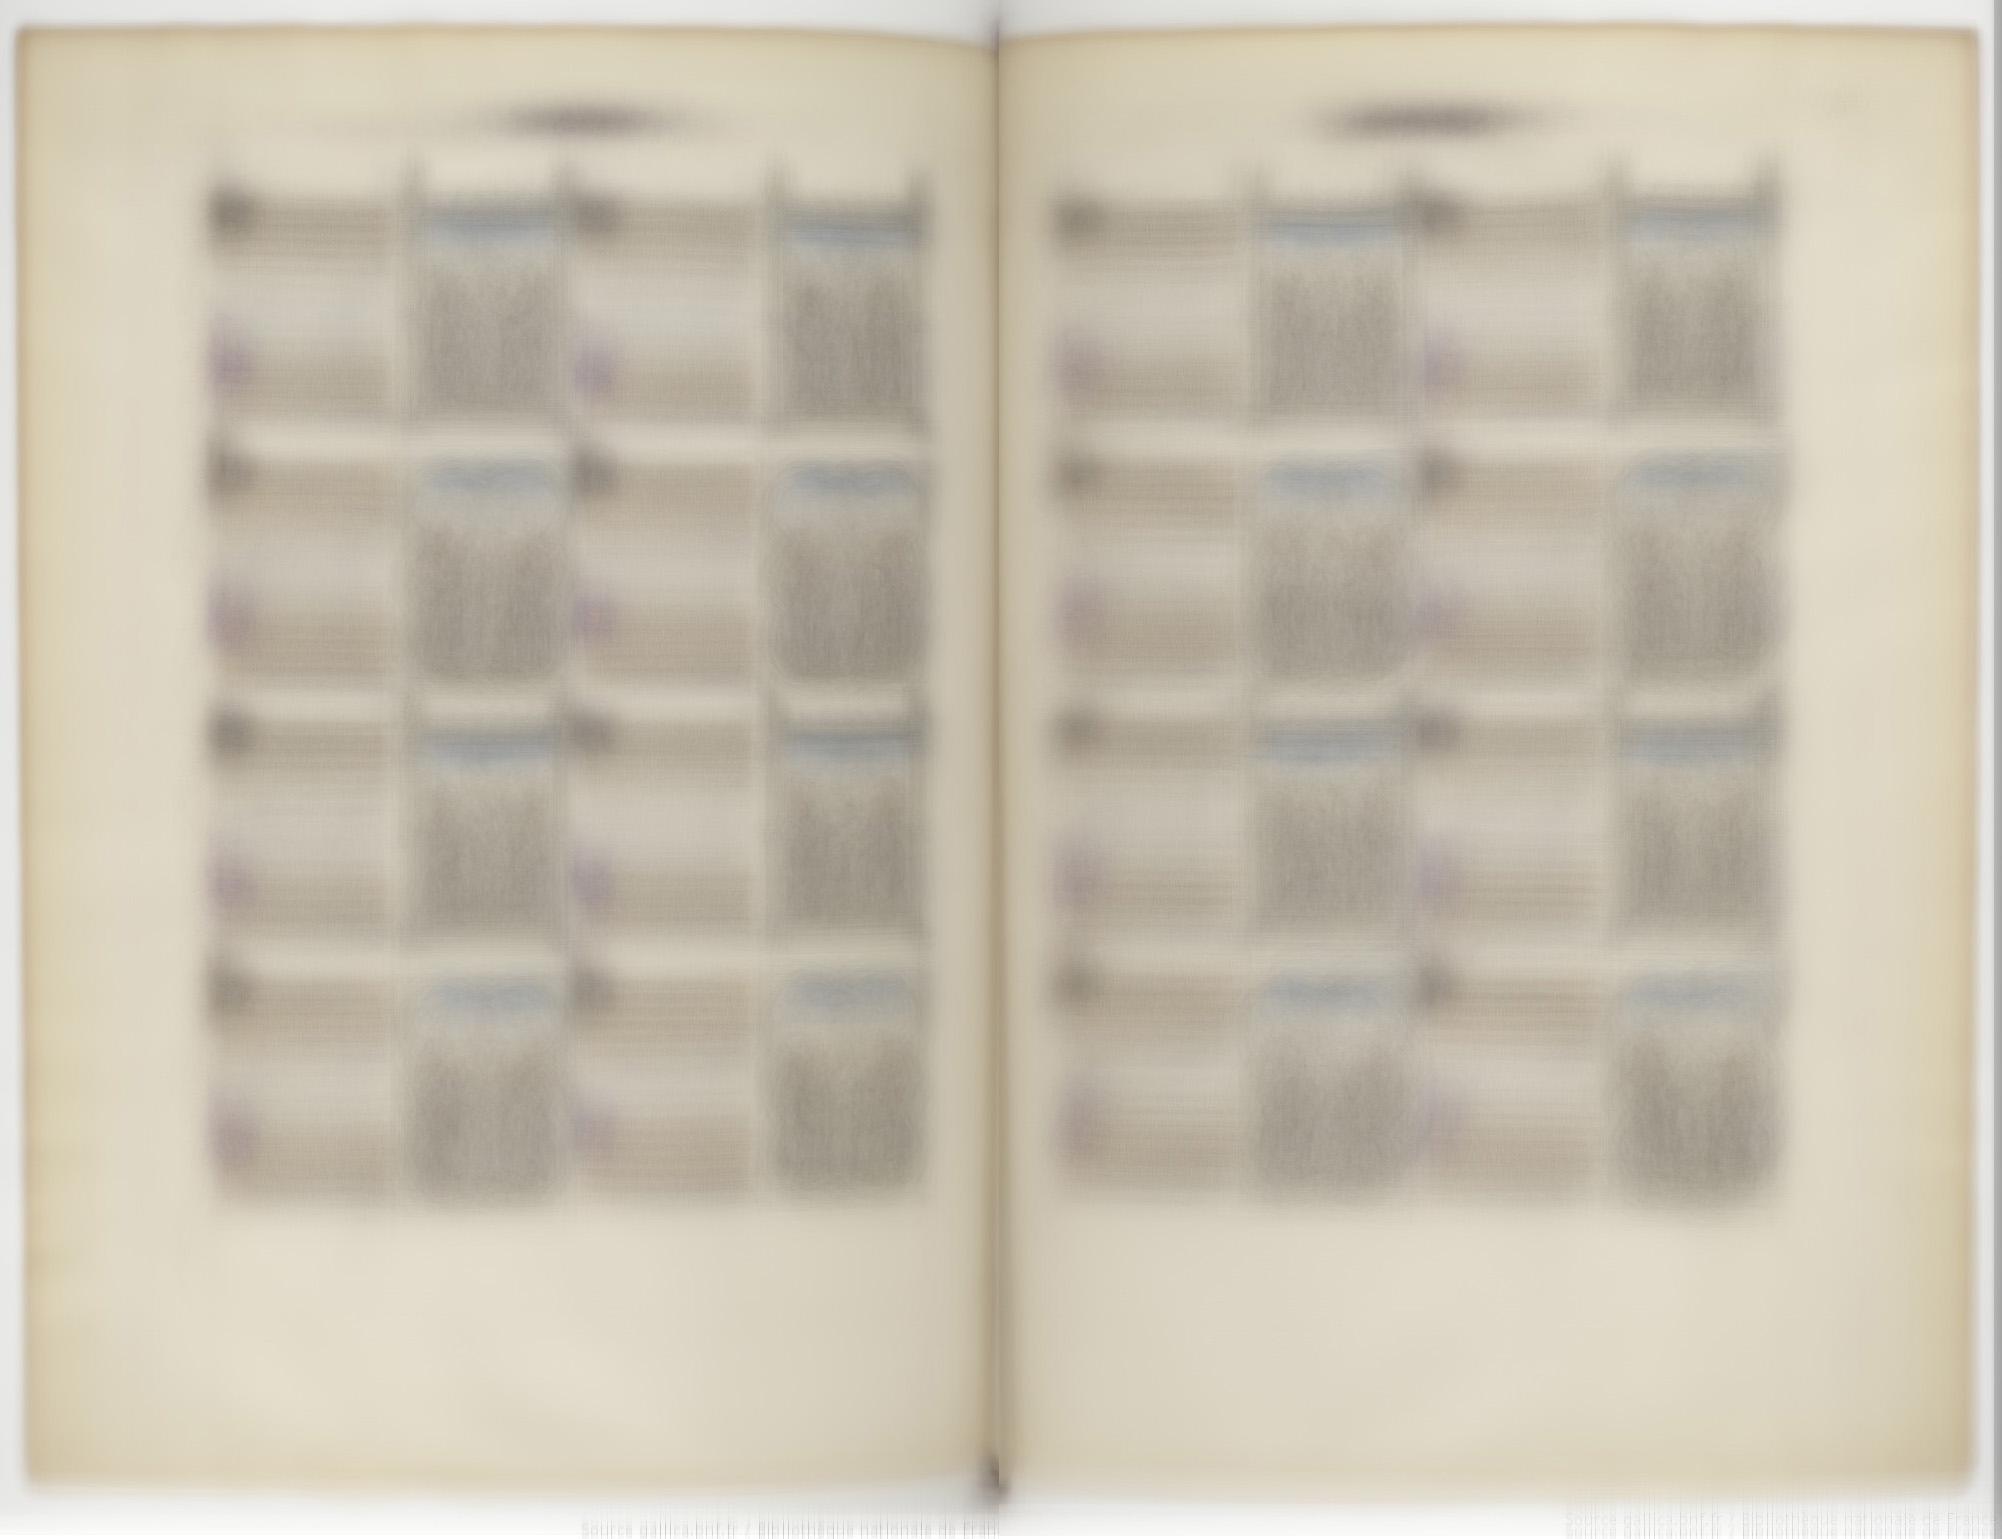 BNF Fr 167 (321 folios)